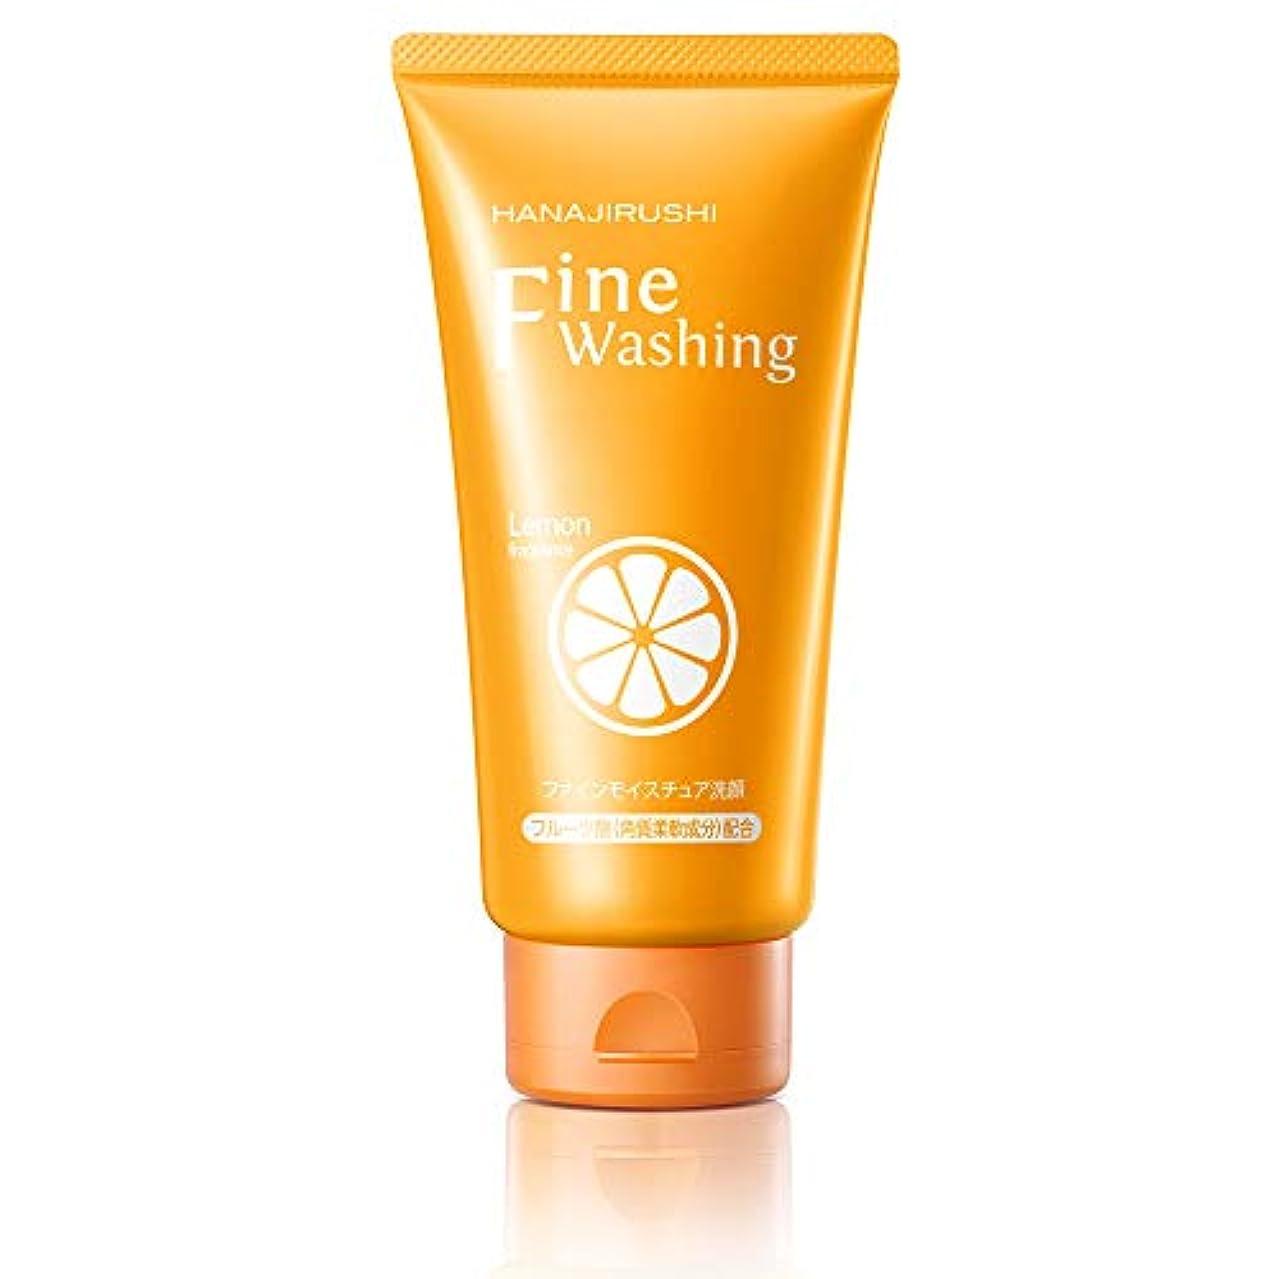 ライバル協定仕立て屋花印 ビタミンC誘導体配合 ホワイト洗顔フォーム120g シミ?くすみ対策